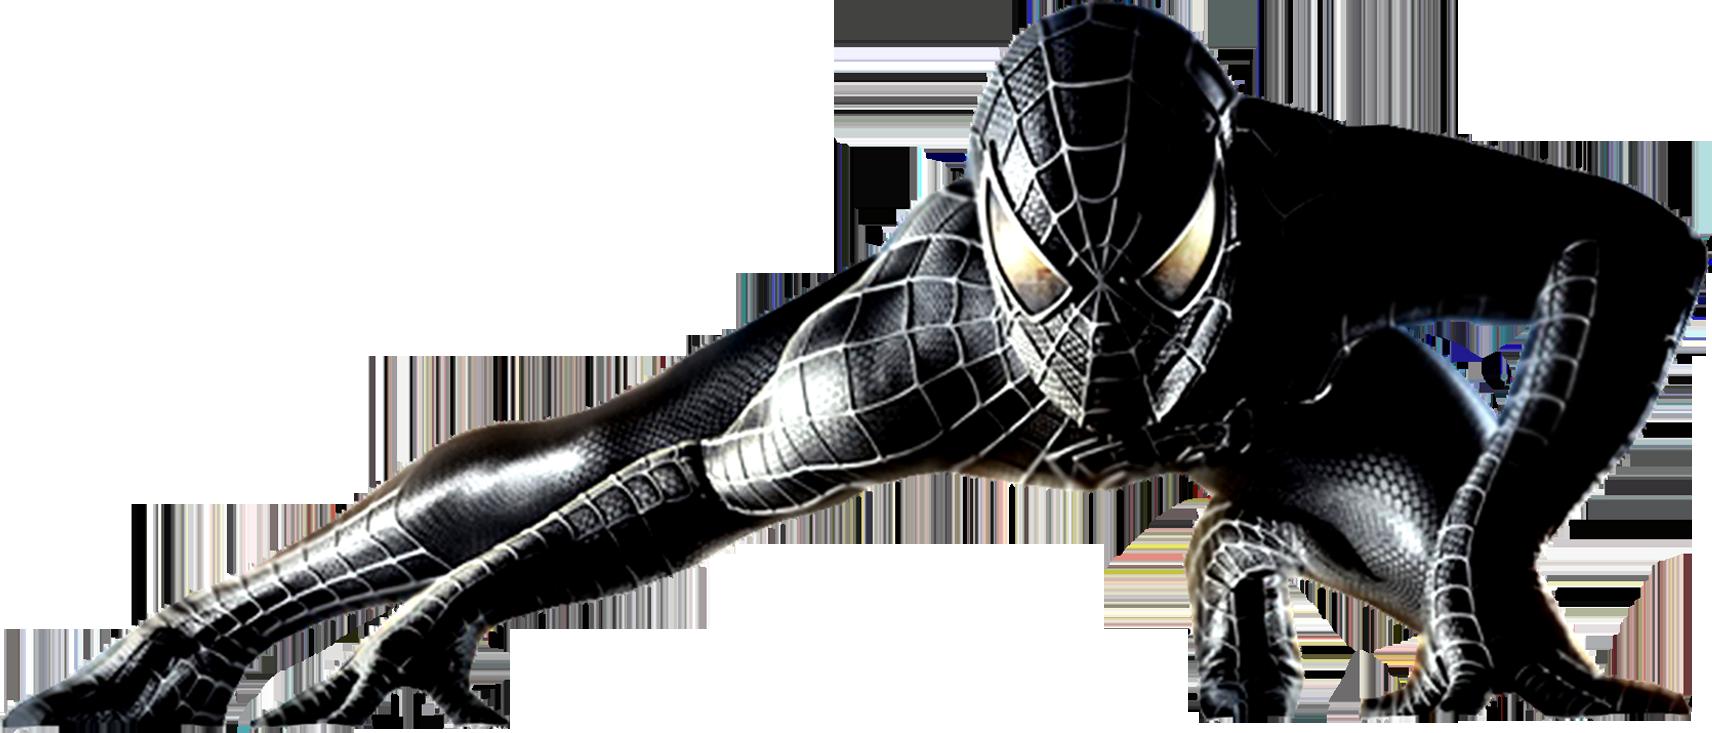 Download Black Spider Man Png Image For Free